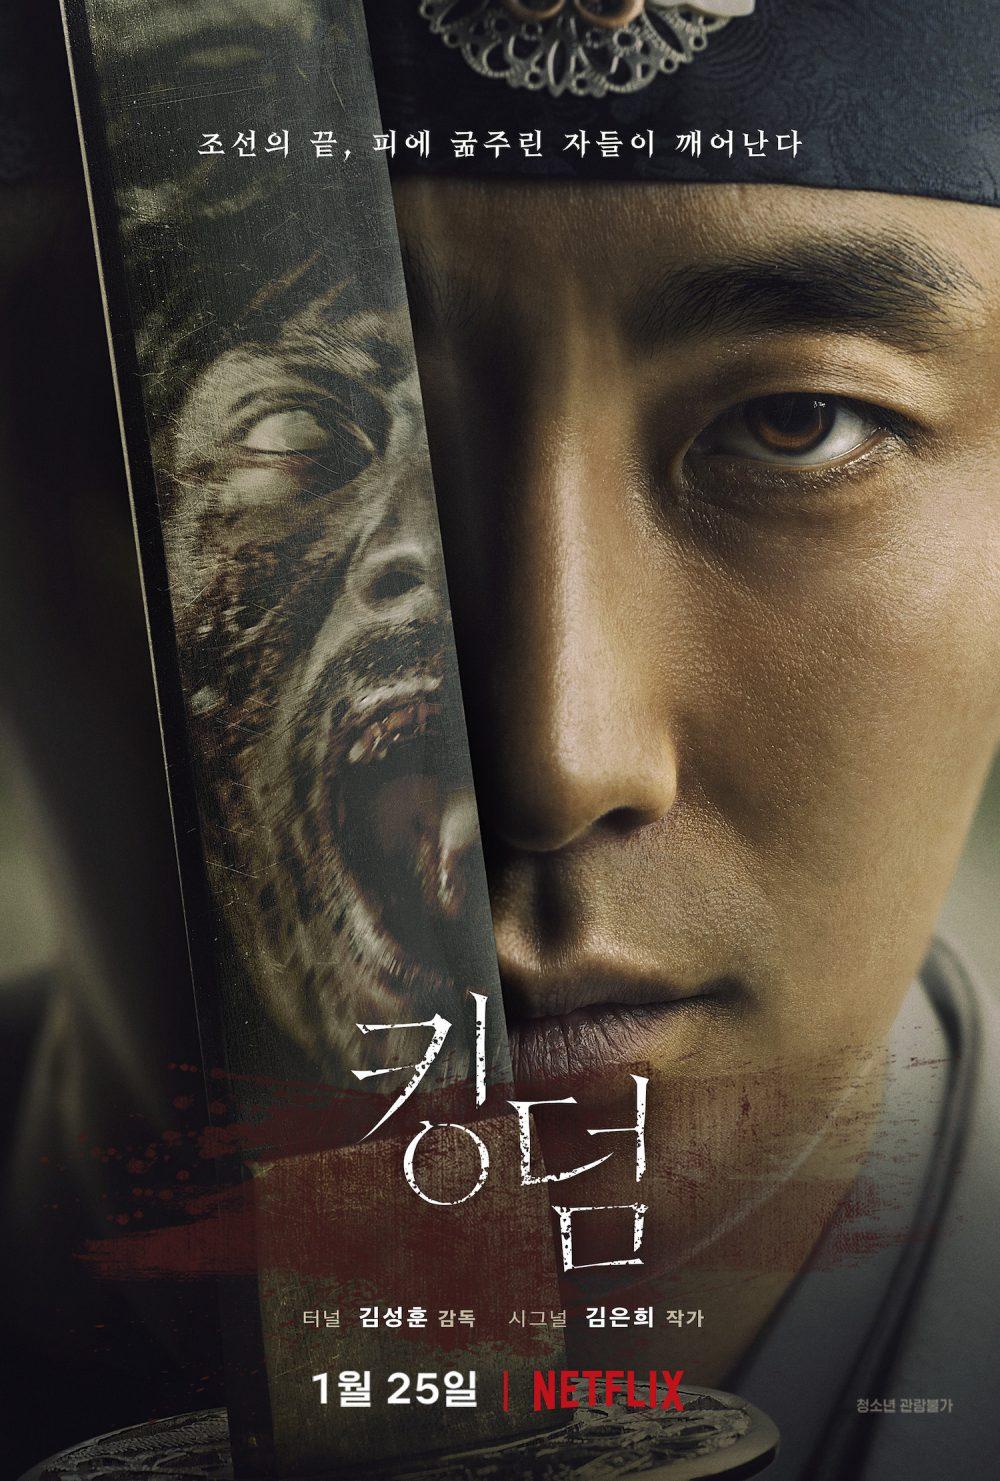 Phim zombie hay nhất mọi thời đại:Vương triều xác sống